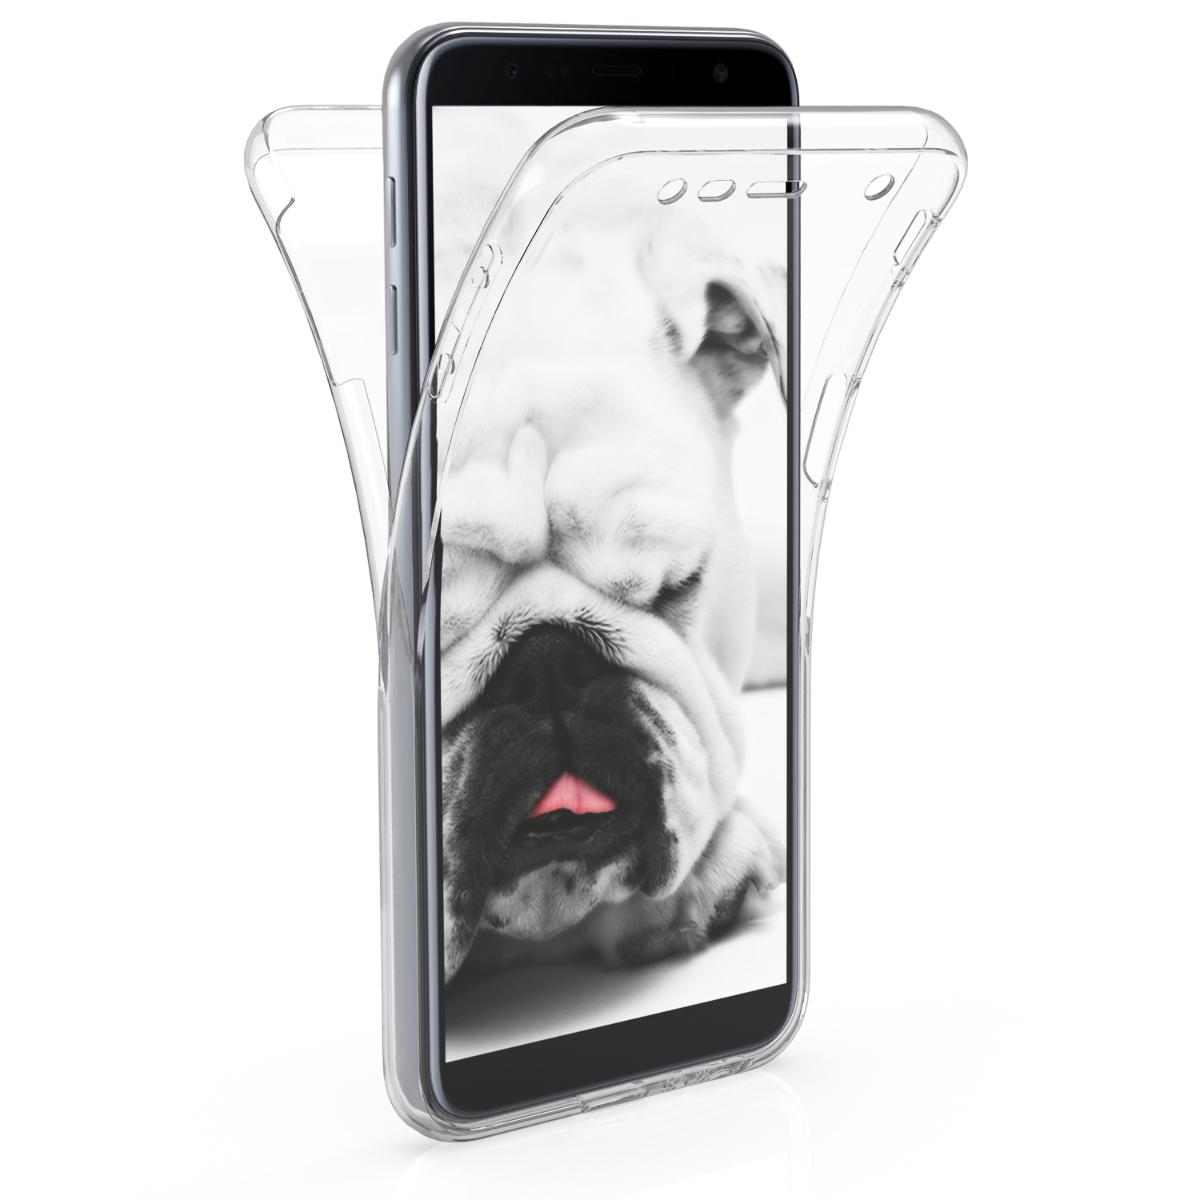 KW Διάφανη Θήκη Σιλικόνης Full Body Samsung Galaxy J6 Plus 2018 (46441.03)